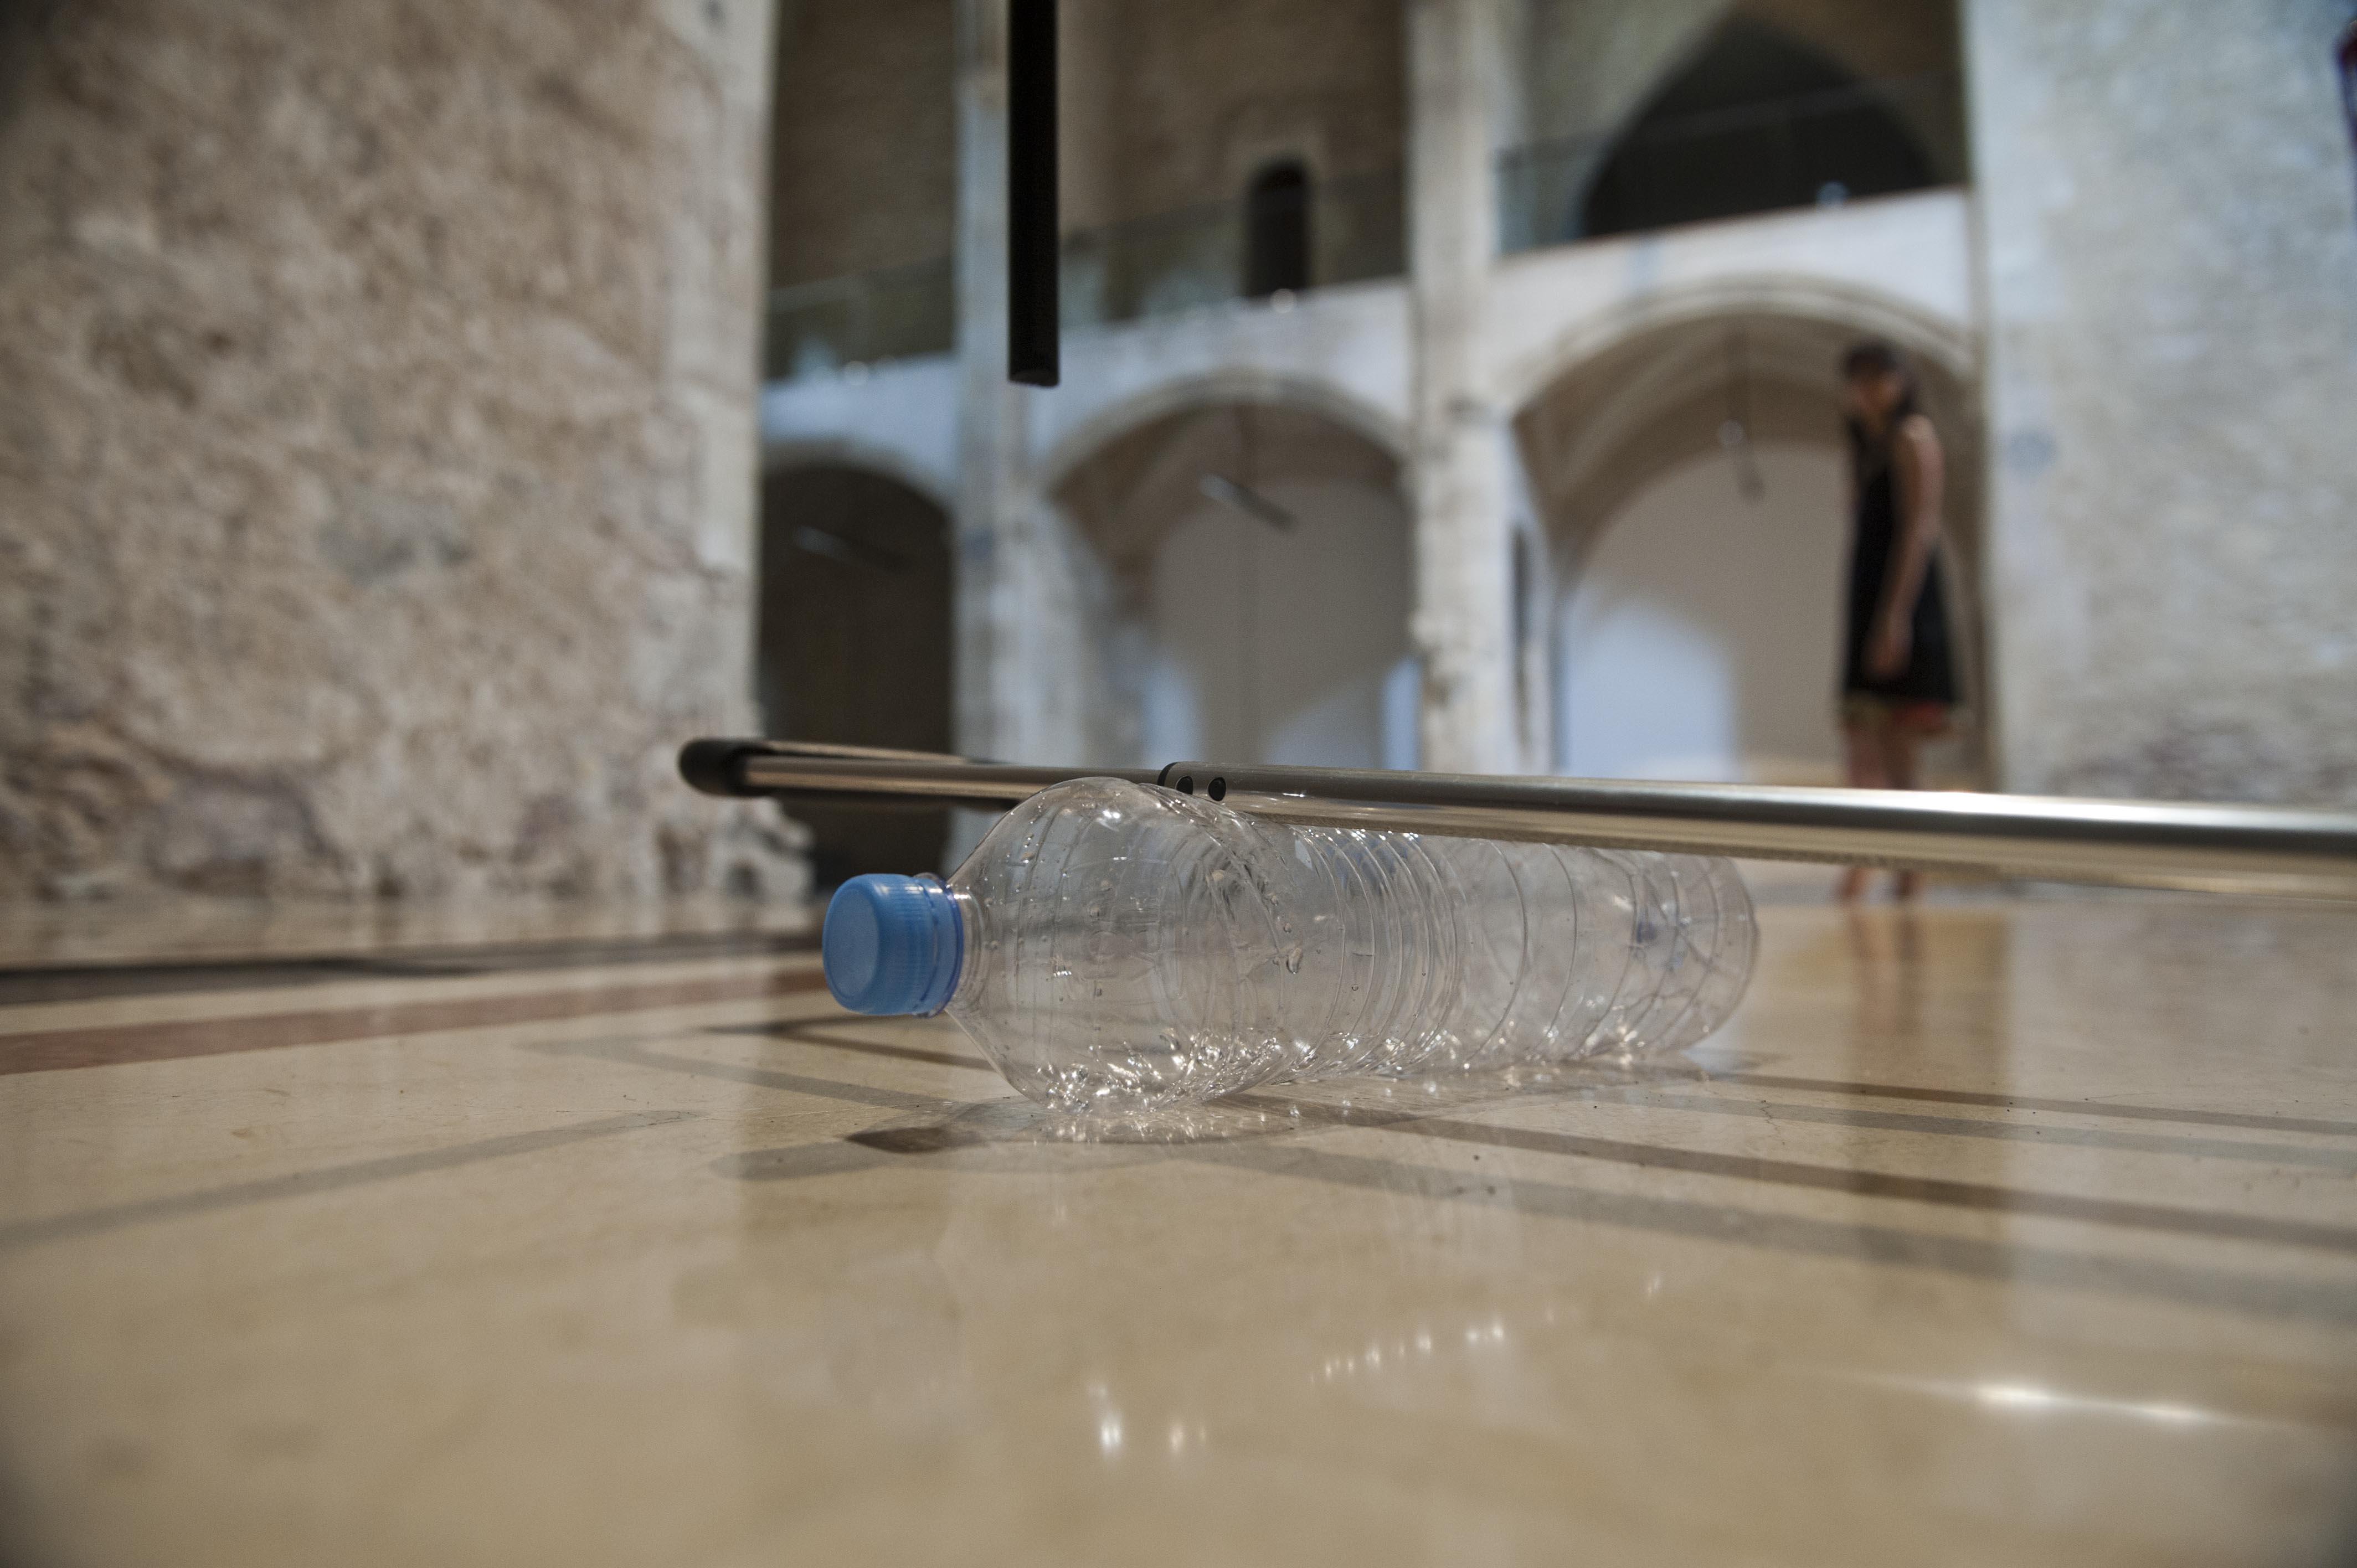 Natascha Sadr Haghighian in Capella MACBA Barcelona, ES